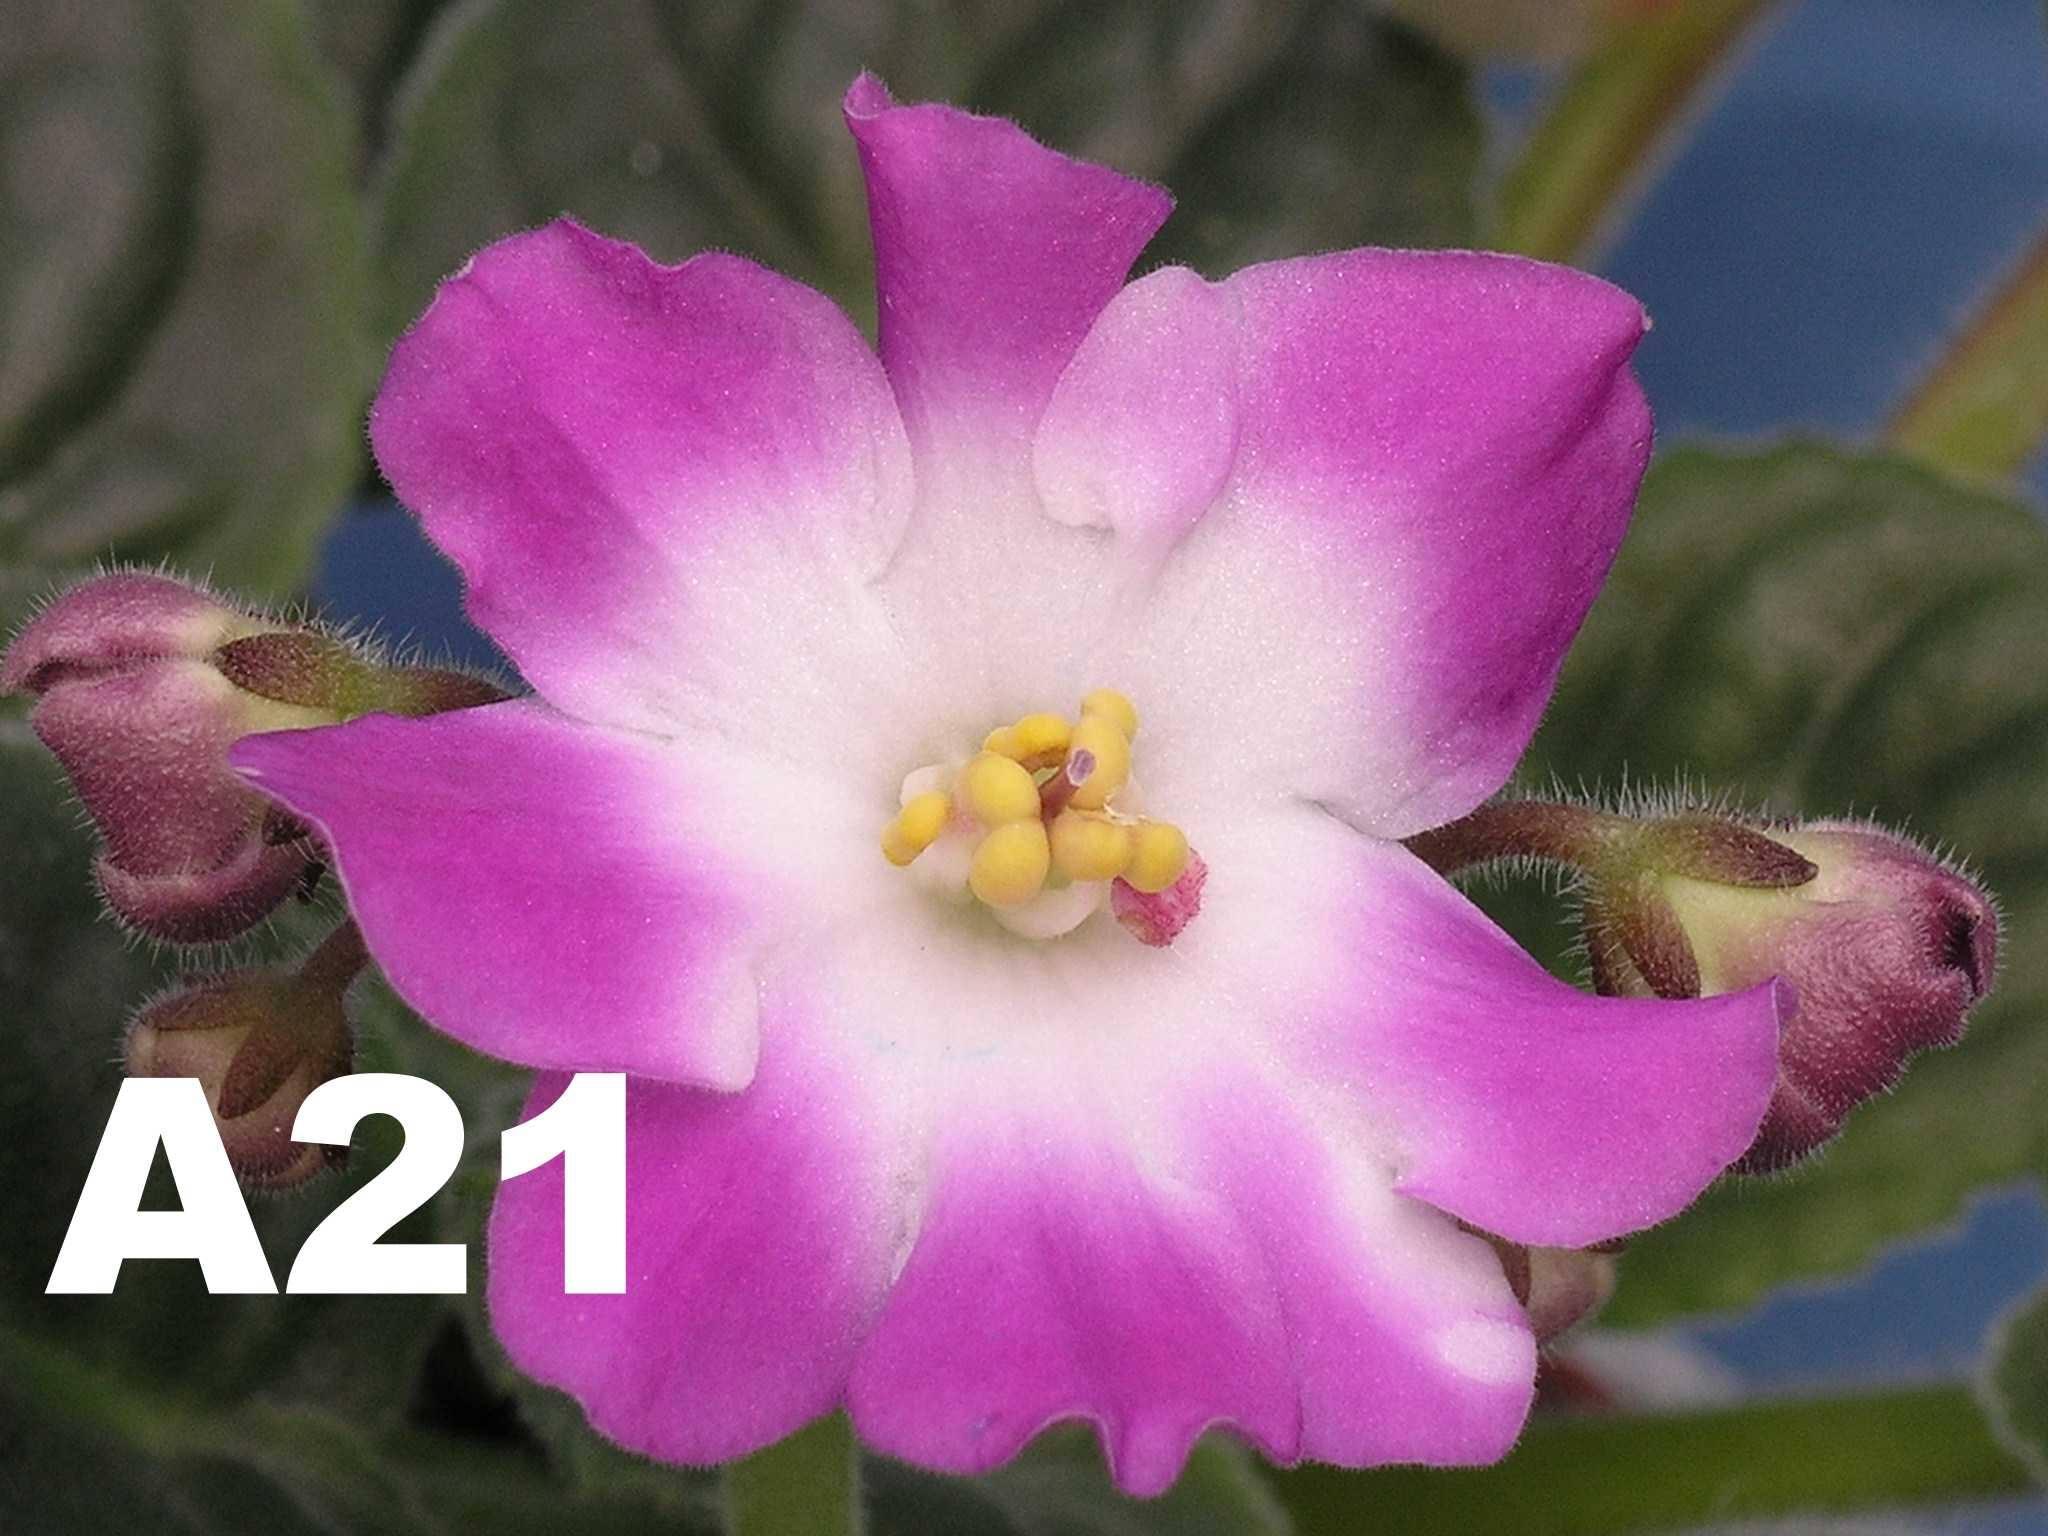 非洲紫羅蘭名錄 | African Violets Catalogue - A系列 A21